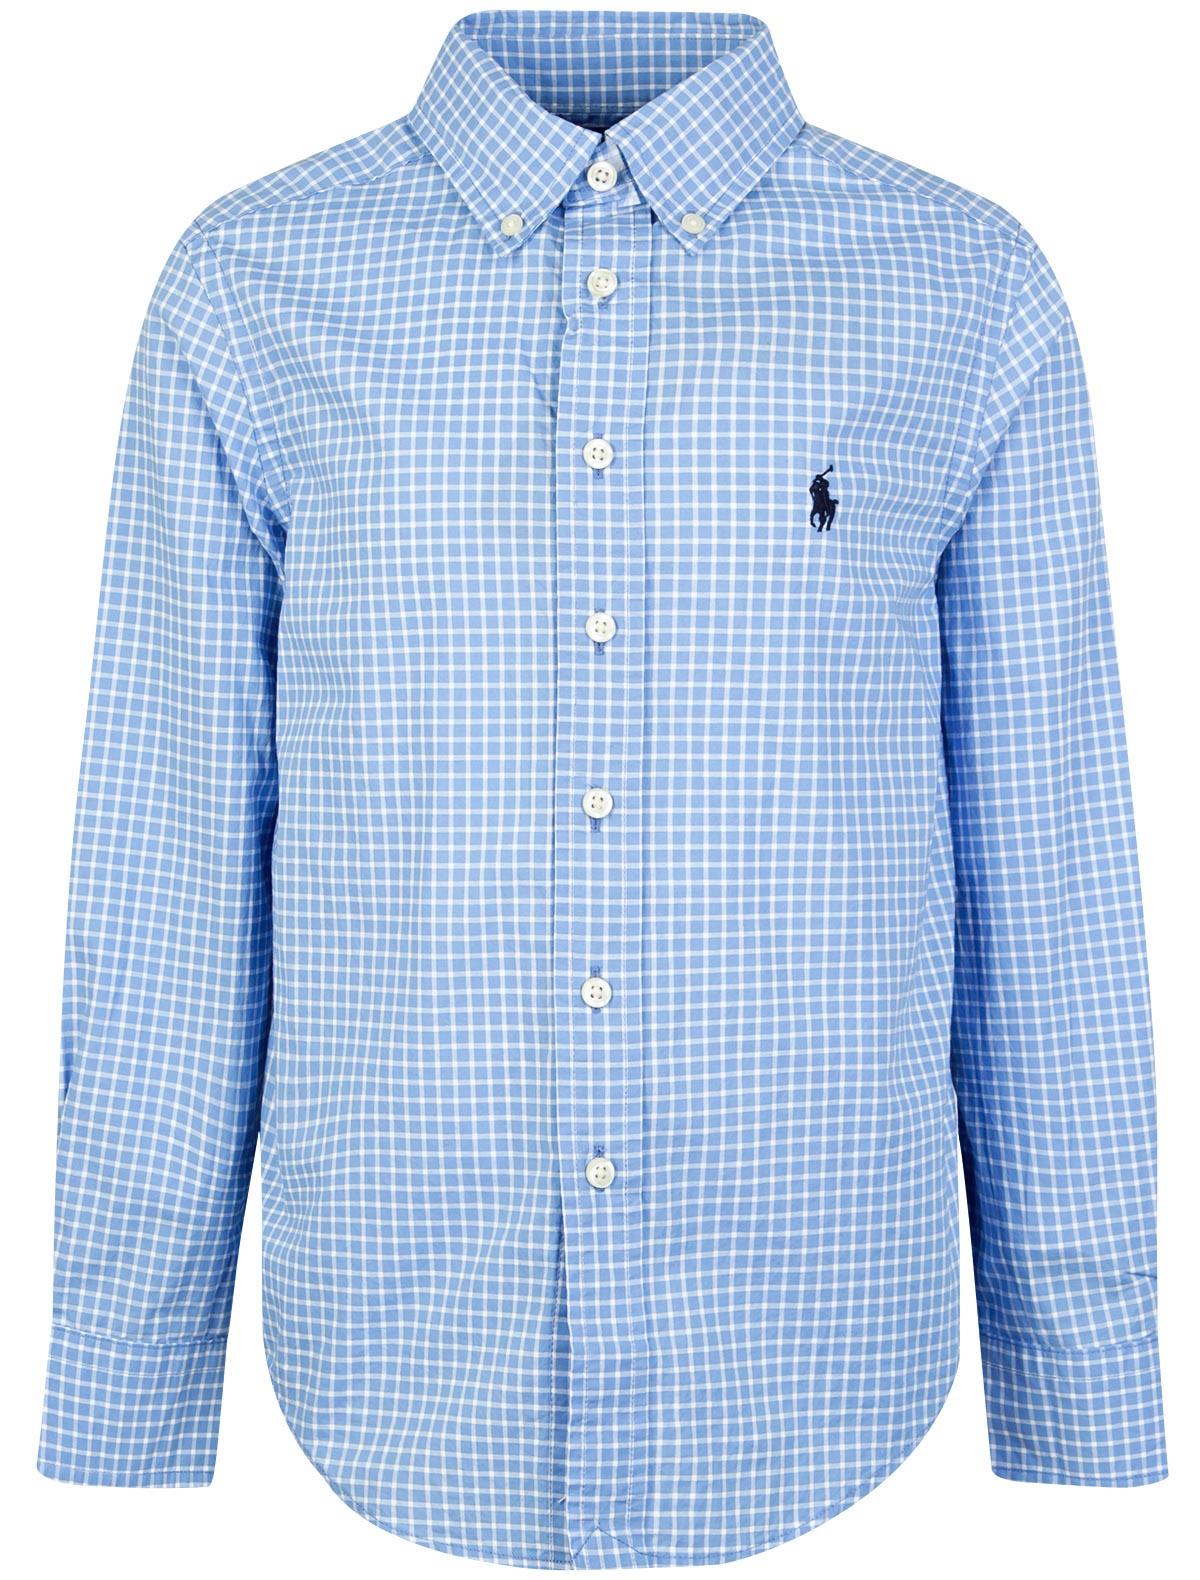 Купить 1864022, Рубашка Ralph Lauren, голубой, Мужской, 1011519880174